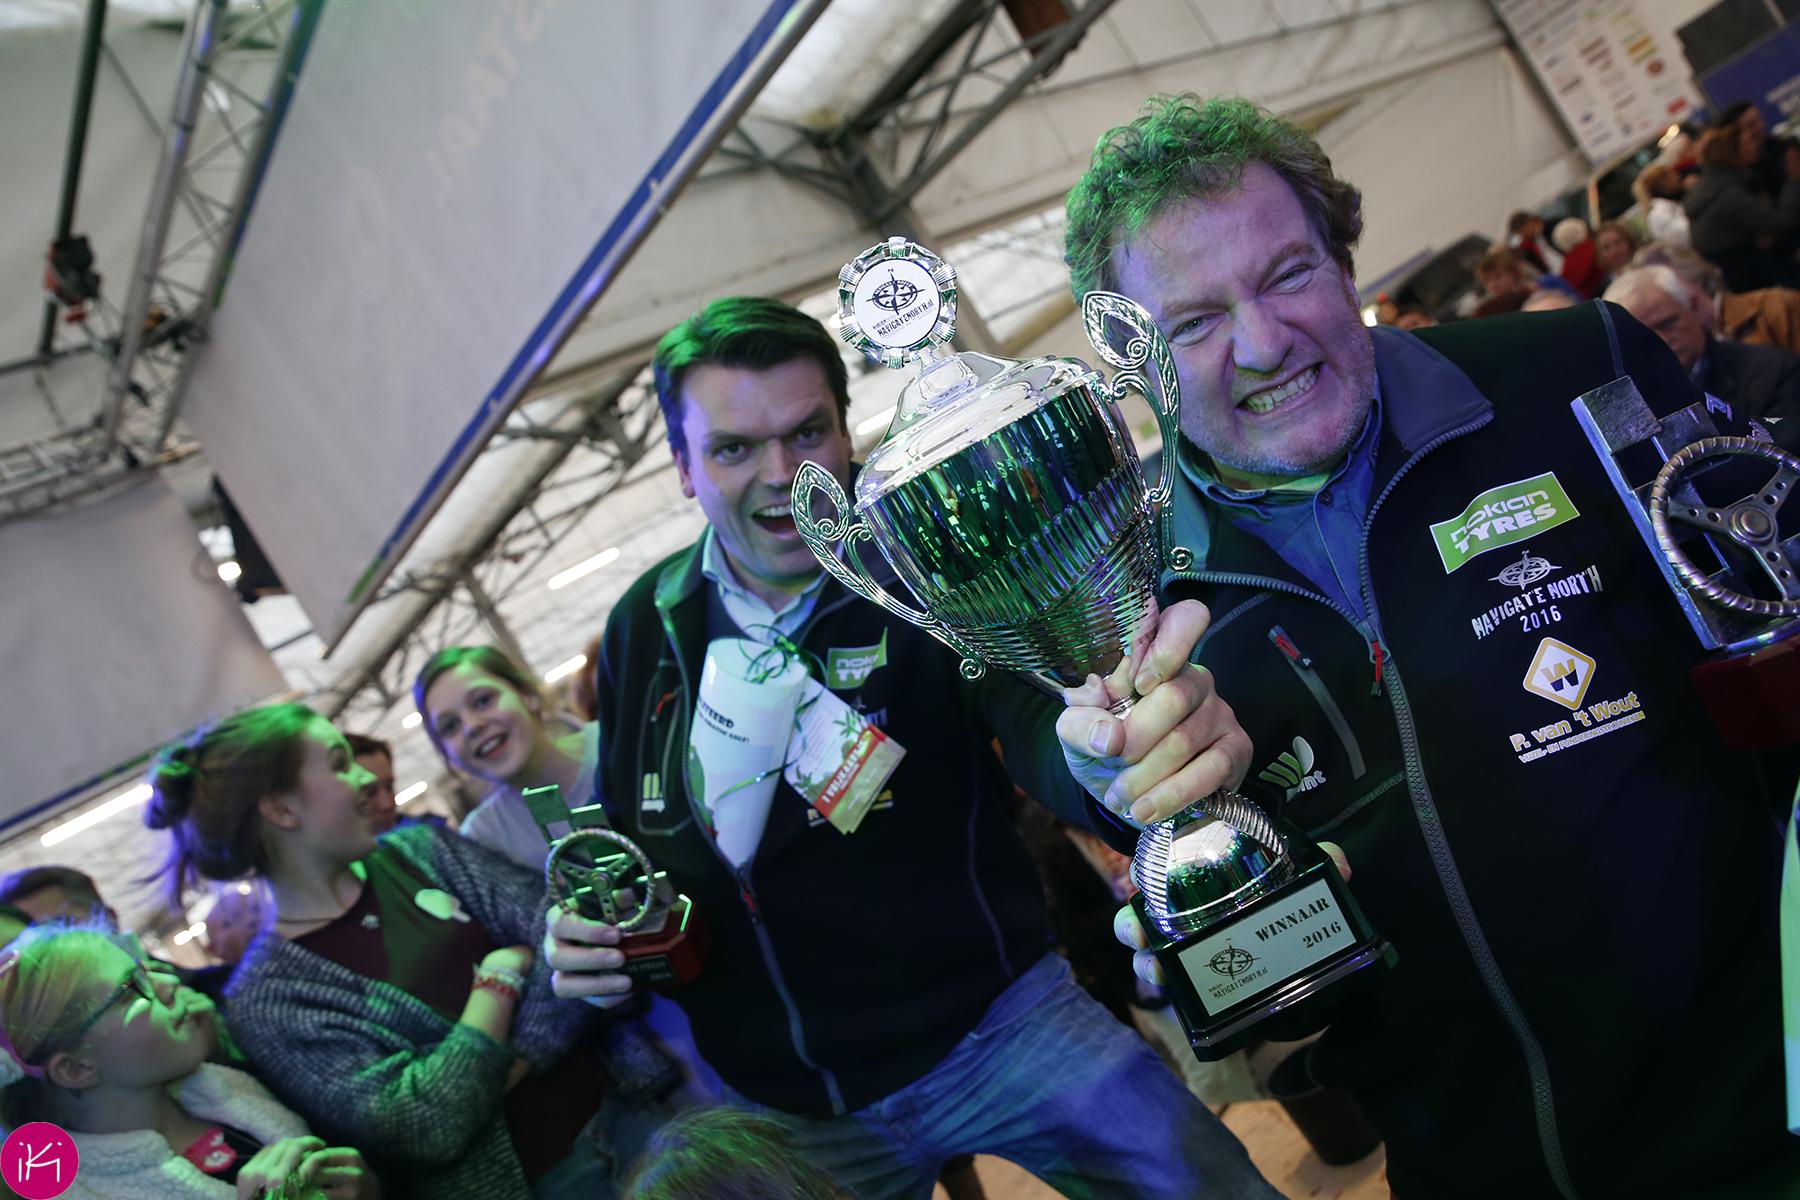 n dan zijn de rijders van Superseven de uitzinnige winnaars!